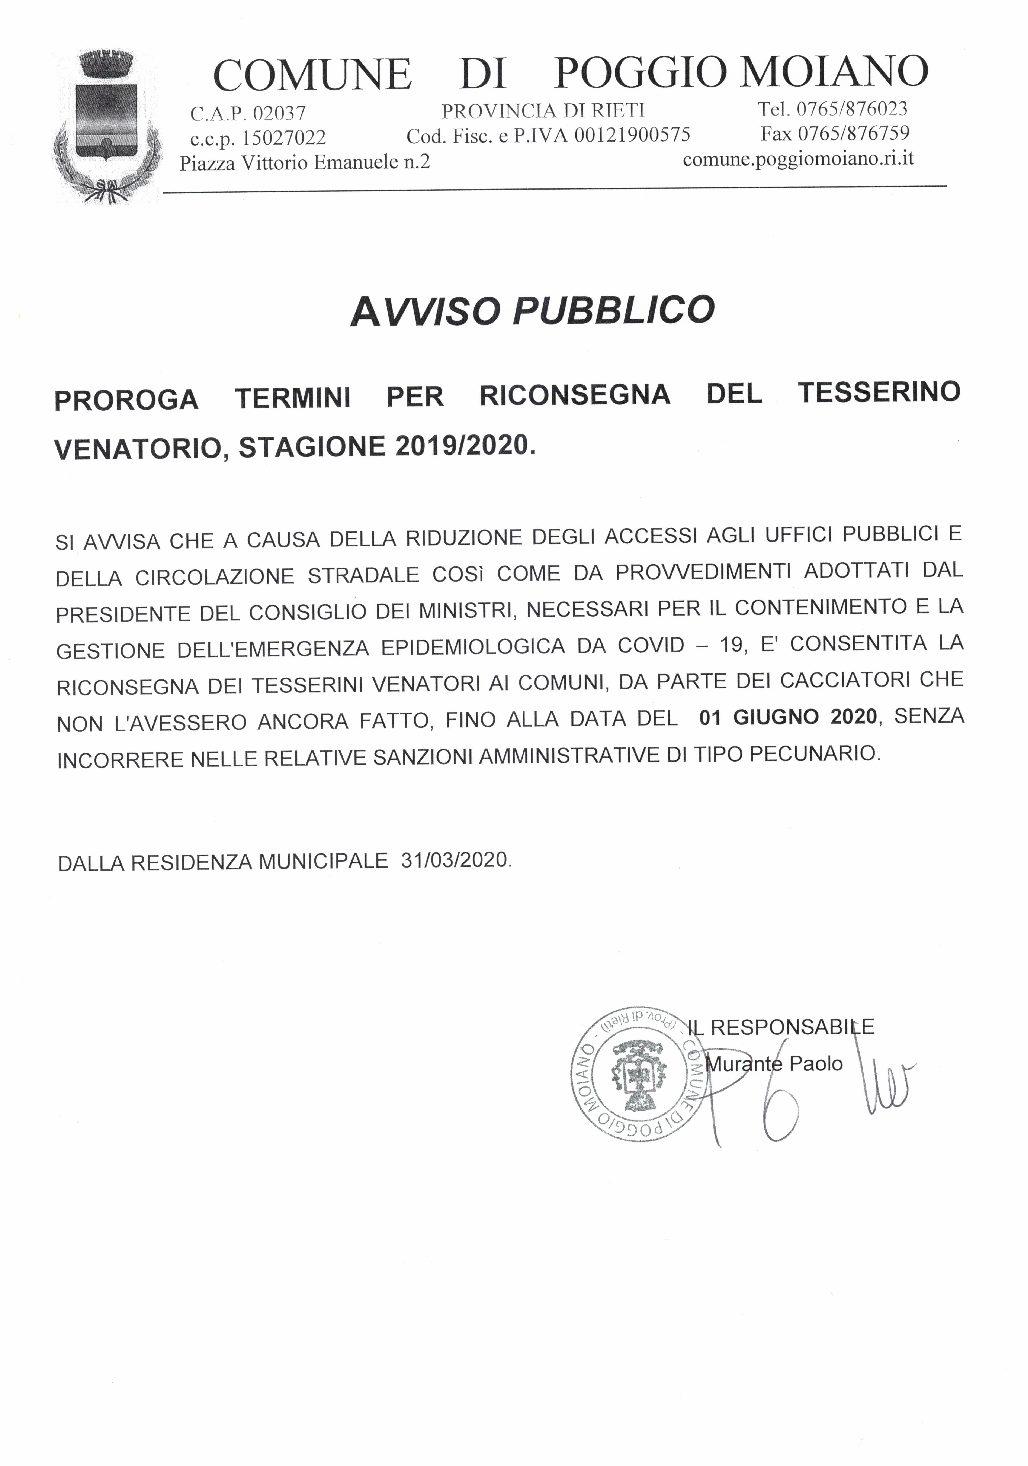 PROROGA TERMINI RICONSEGNA TESSERINO VENATORIO